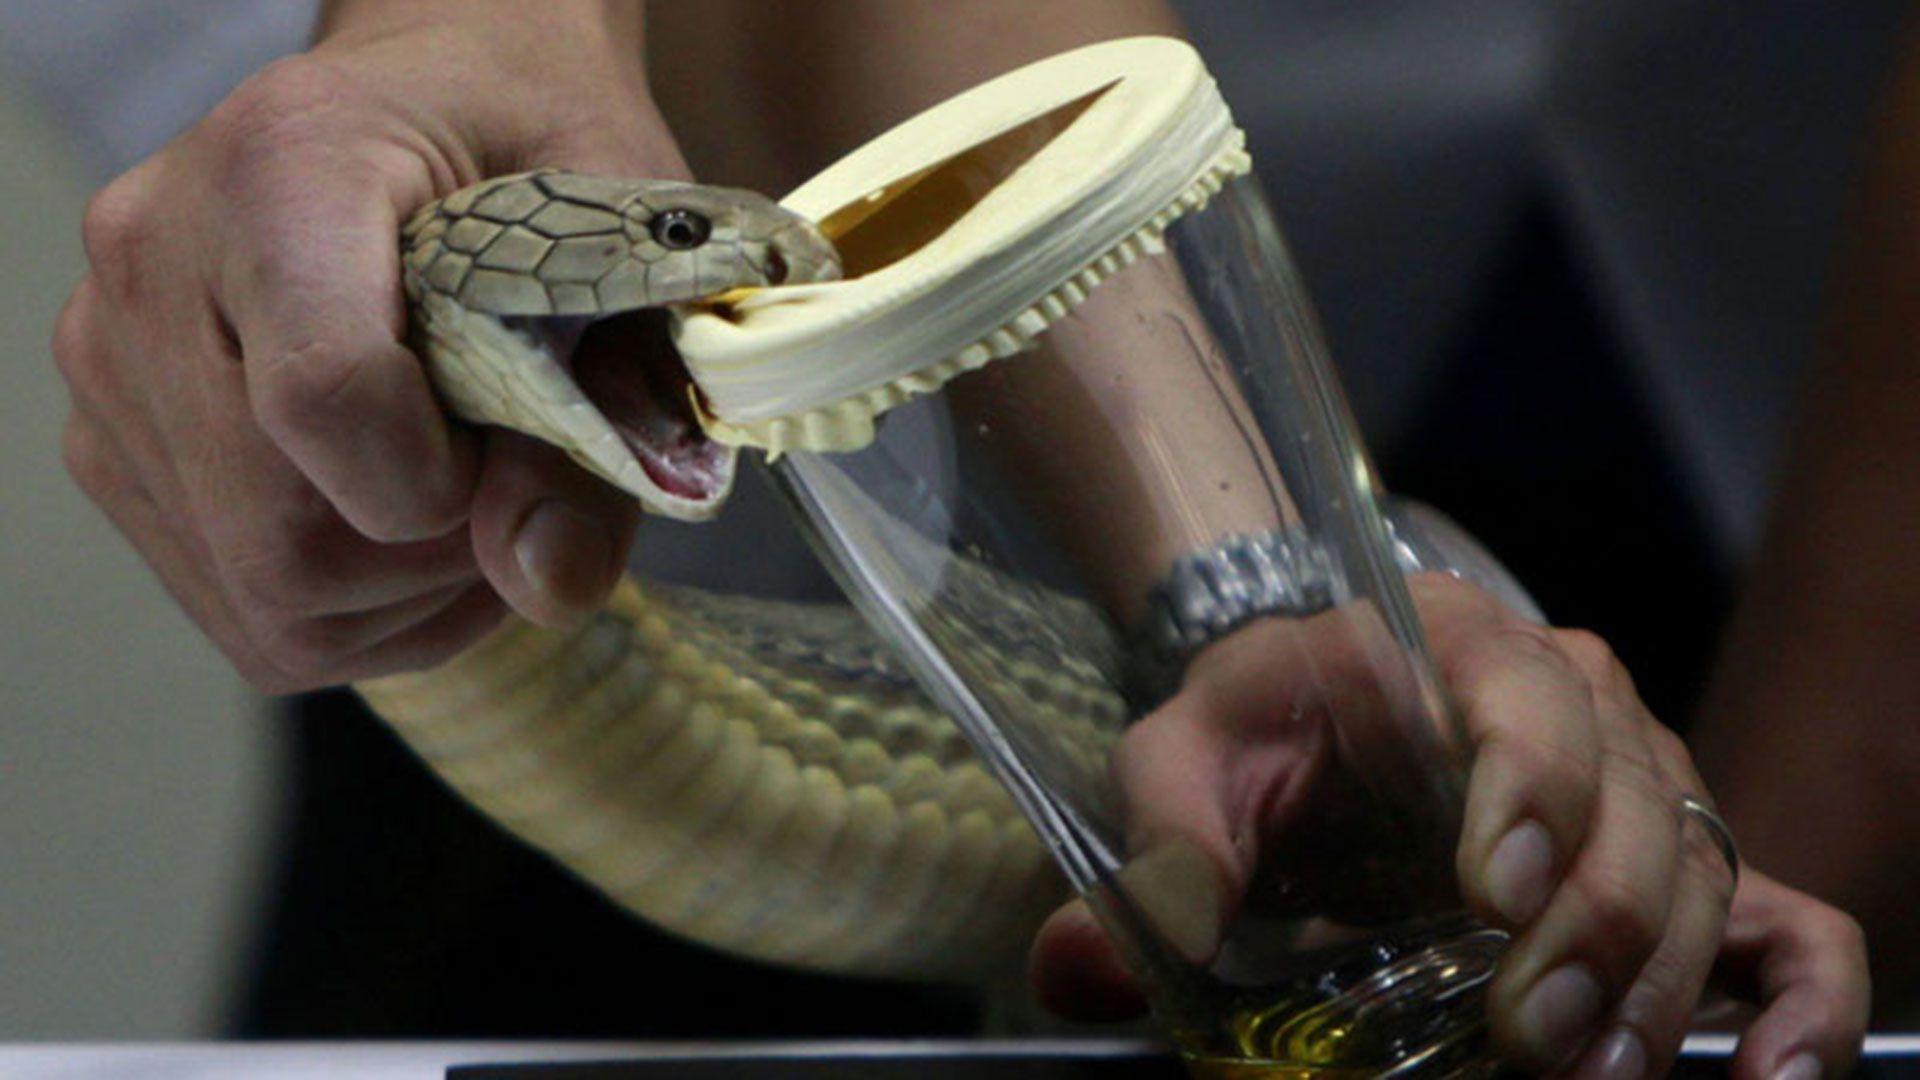 Según los científicos, los humanos tenemos el potencial para desarrollar mediante la evolución veneno similar al de las serpientes.